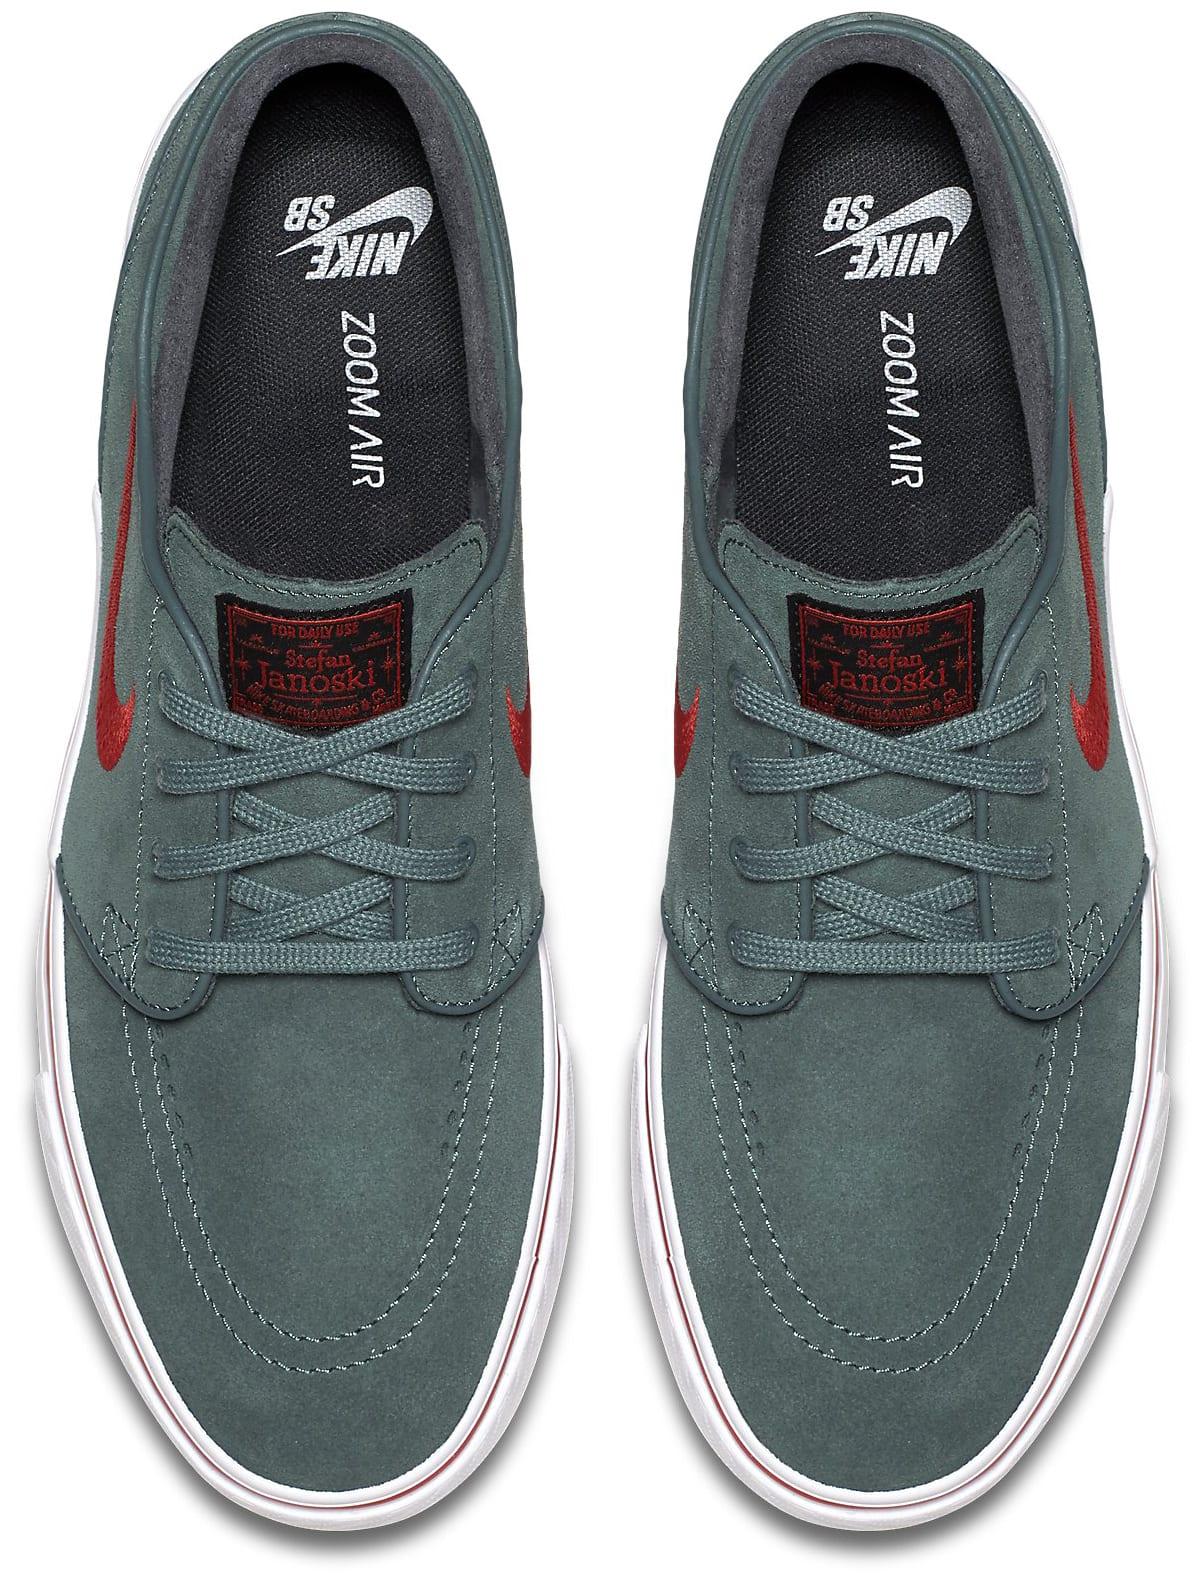 75c003cf58ac Nike Zoom Stefan Janoski Skate Shoes - thumbnail 4